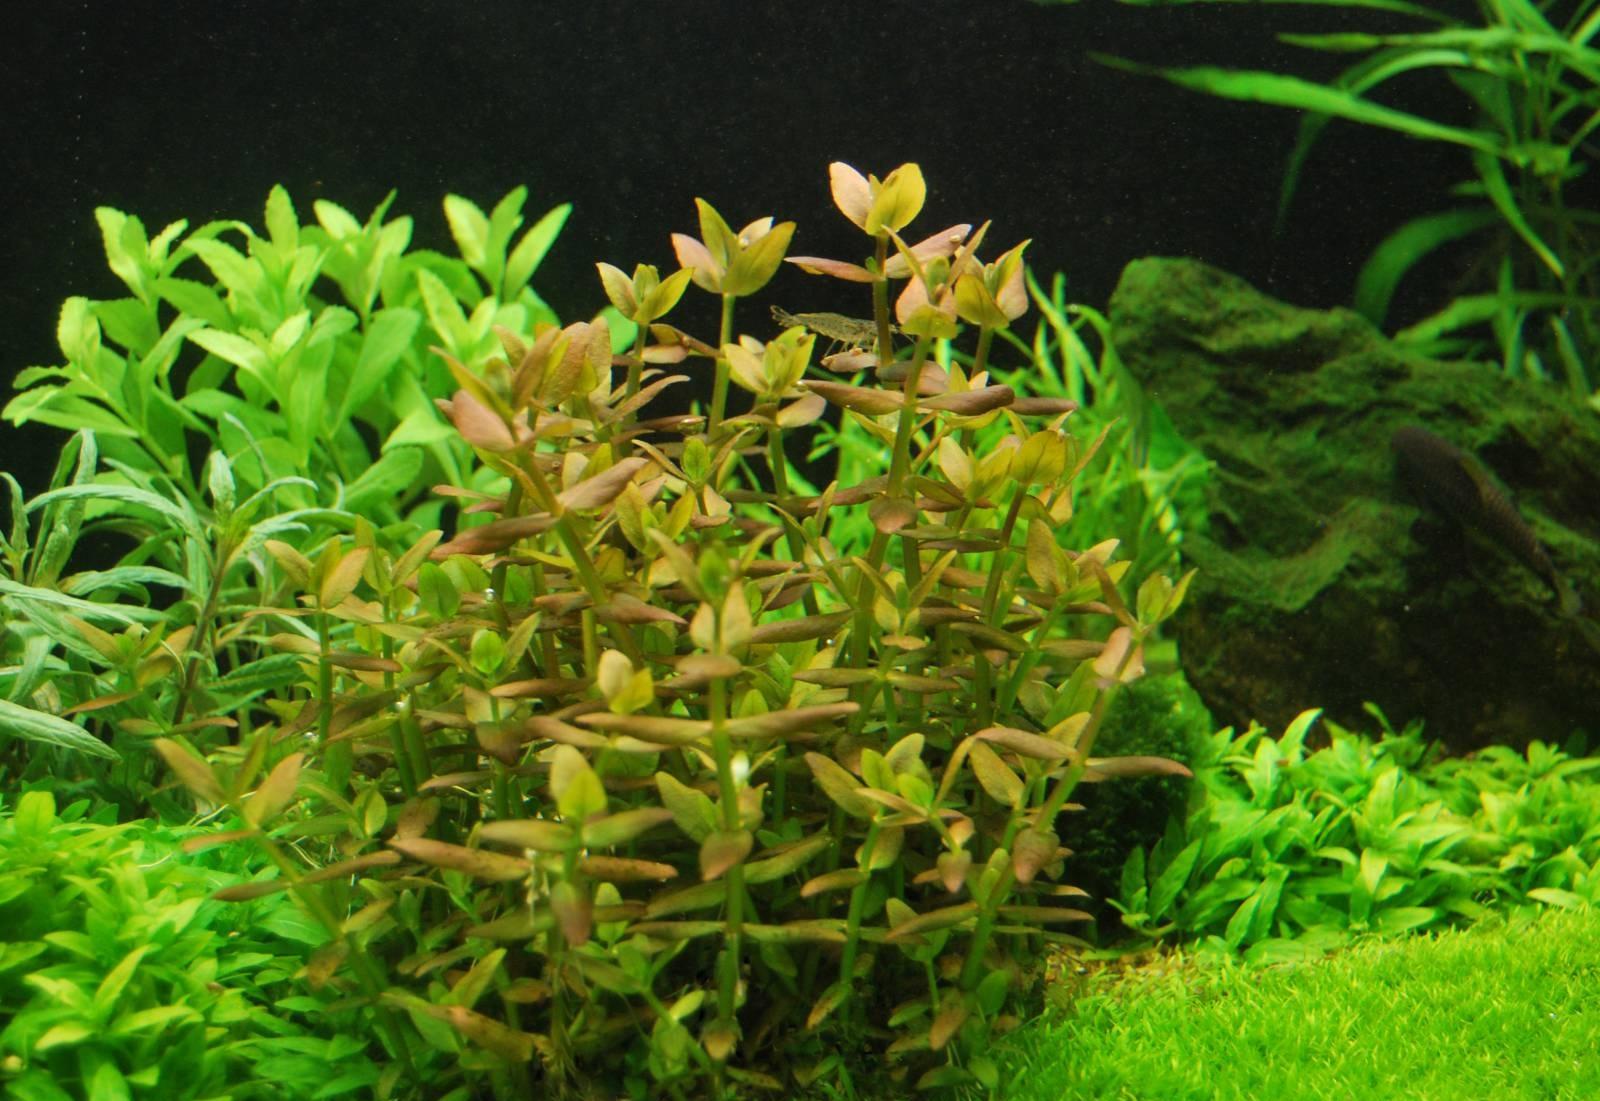 связанные бакопа фото аквариумная композицию